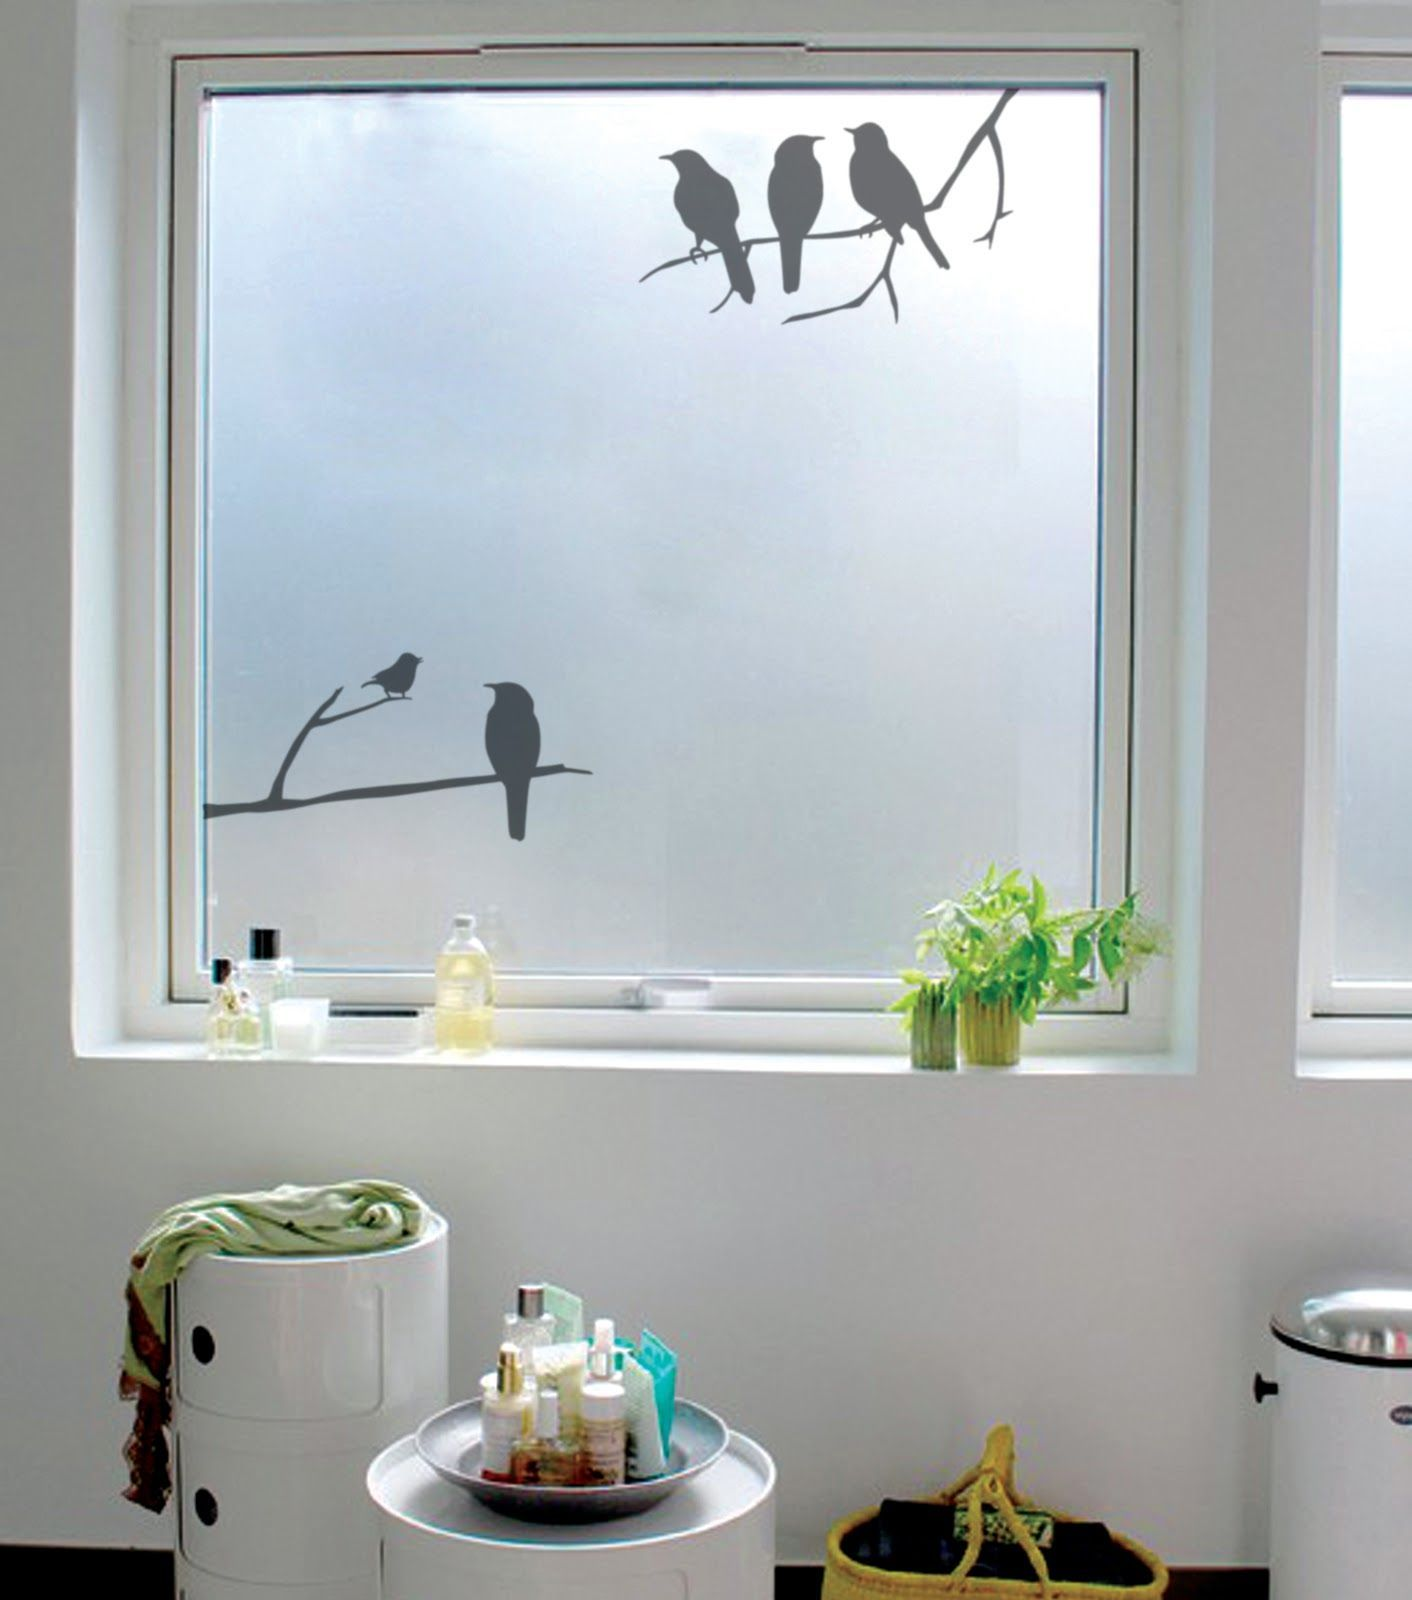 Vinilos o cristales decorativos para ventanas vinilos - Vinilos decorativos para exteriores ...